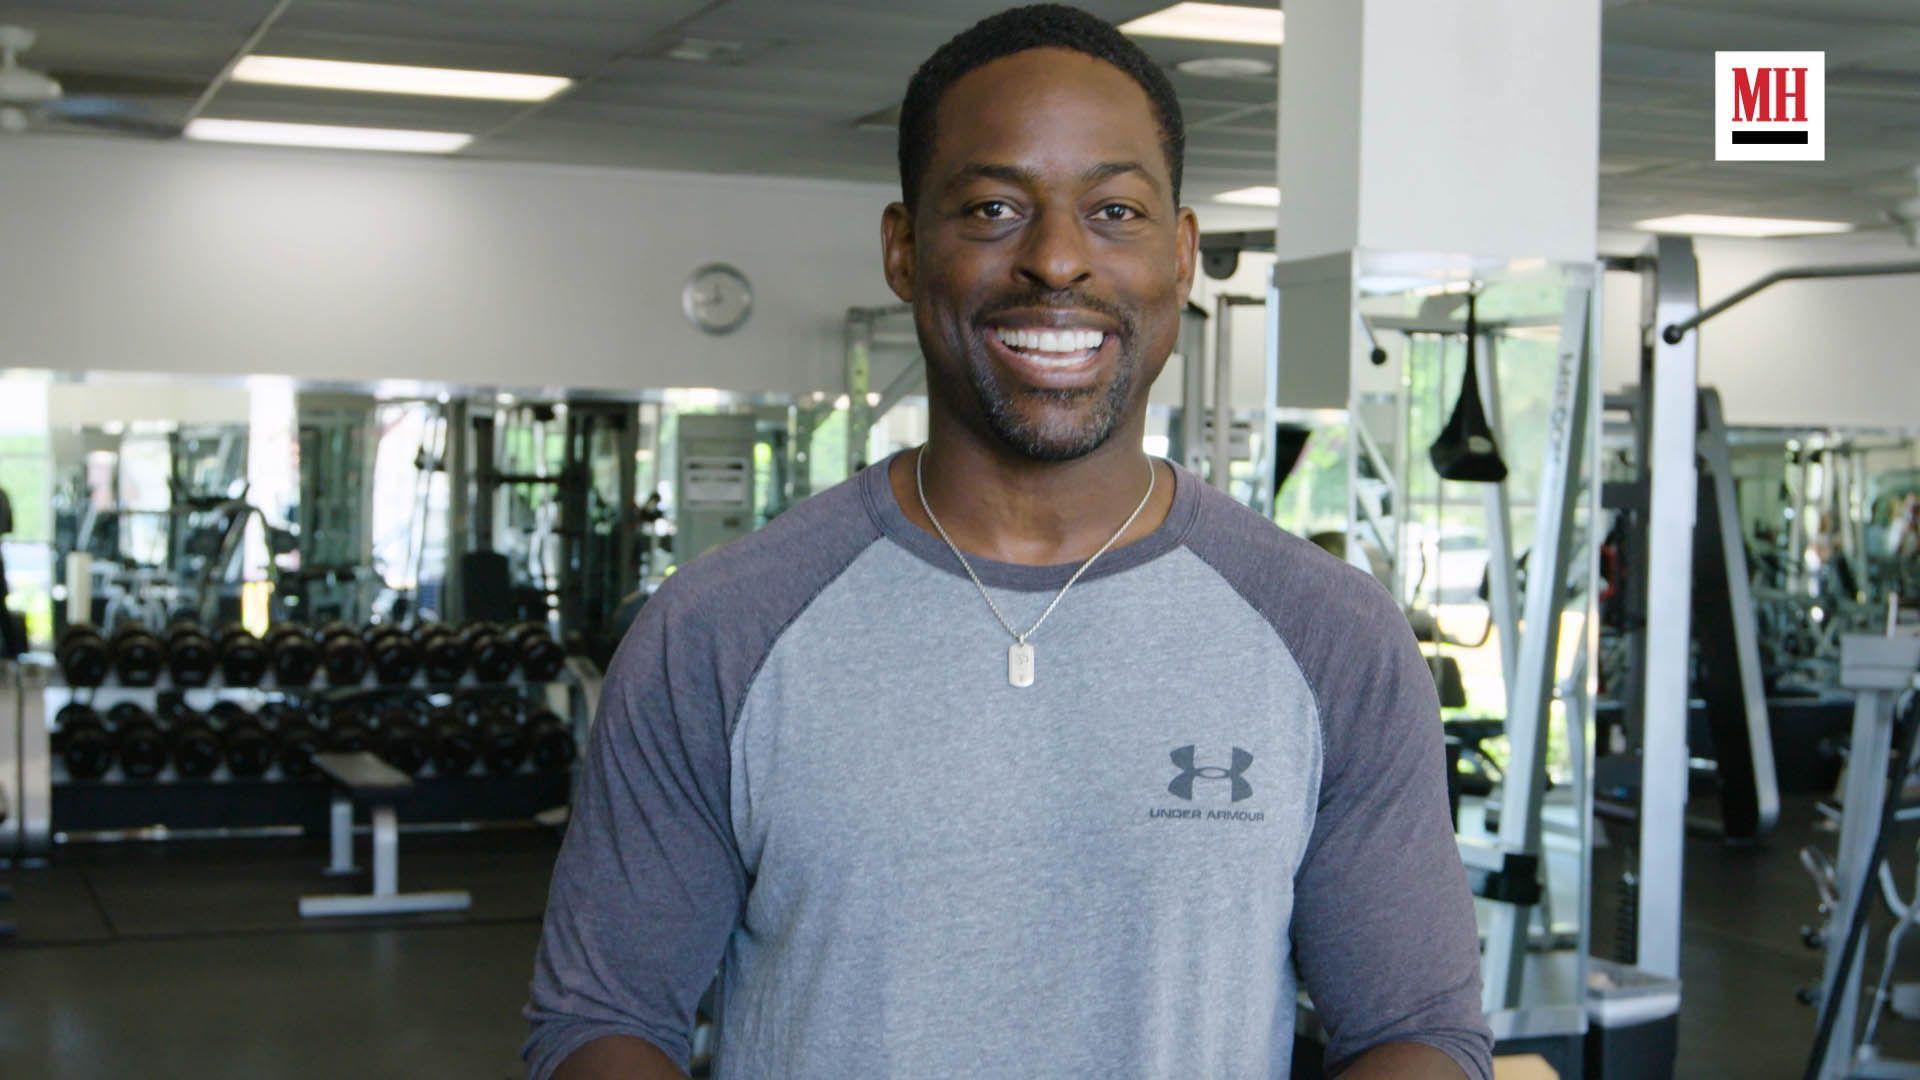 Sterling K. Brown's Fitness Mindset Keeps Him In Killer Shape After 40